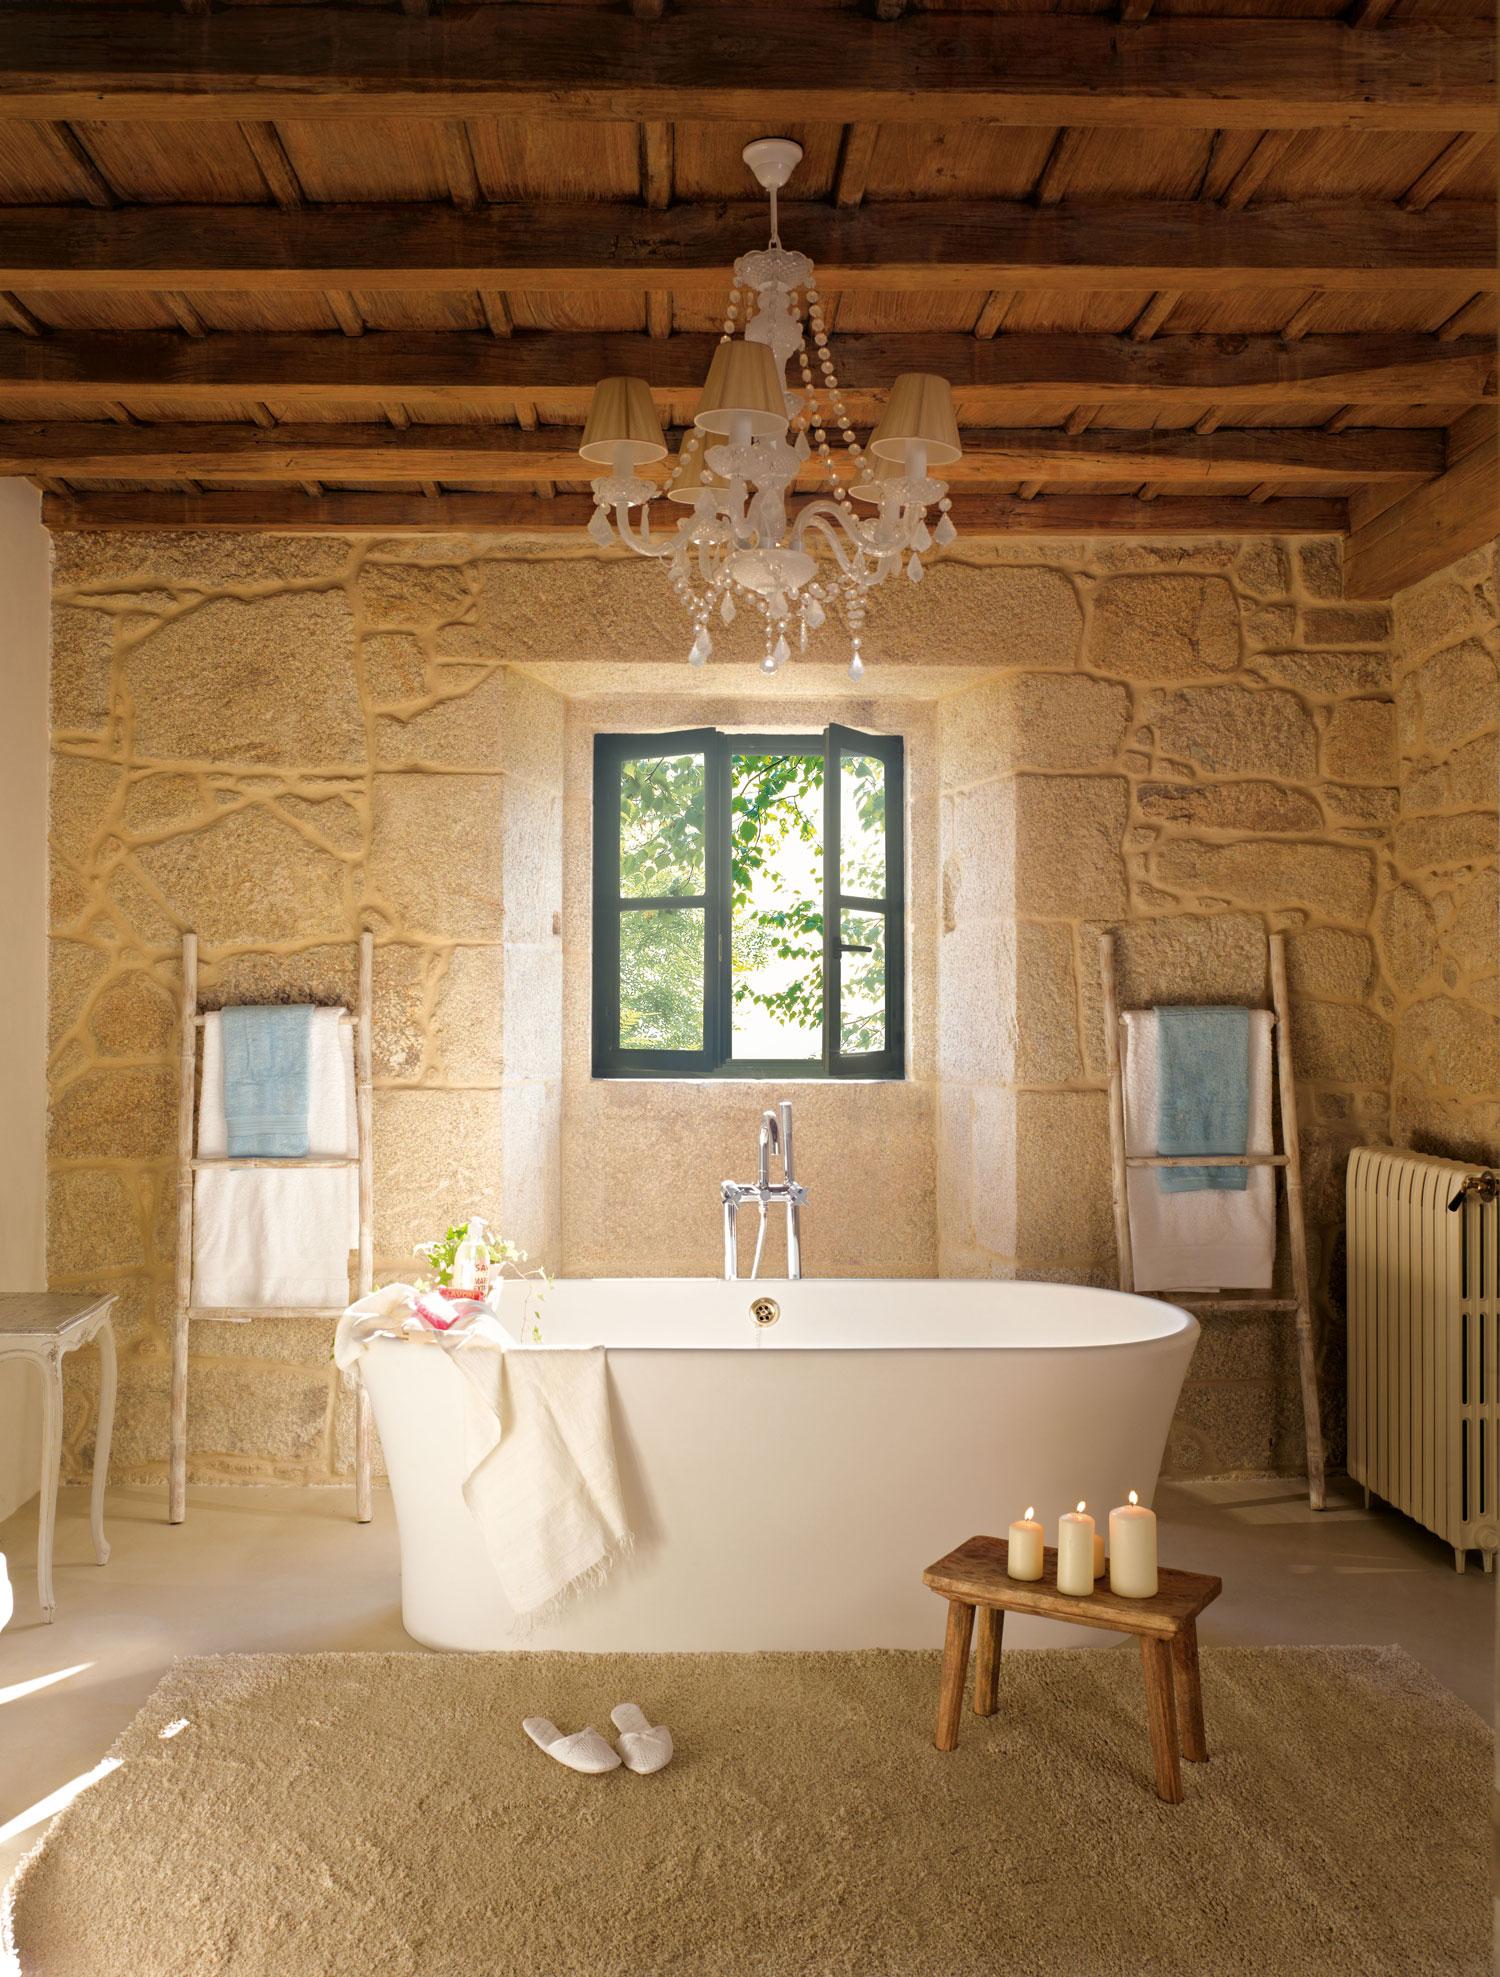 00315229. Baño de muros de piedra con una bañera en el centro y escaleras de toalleros a cada lado_00315229